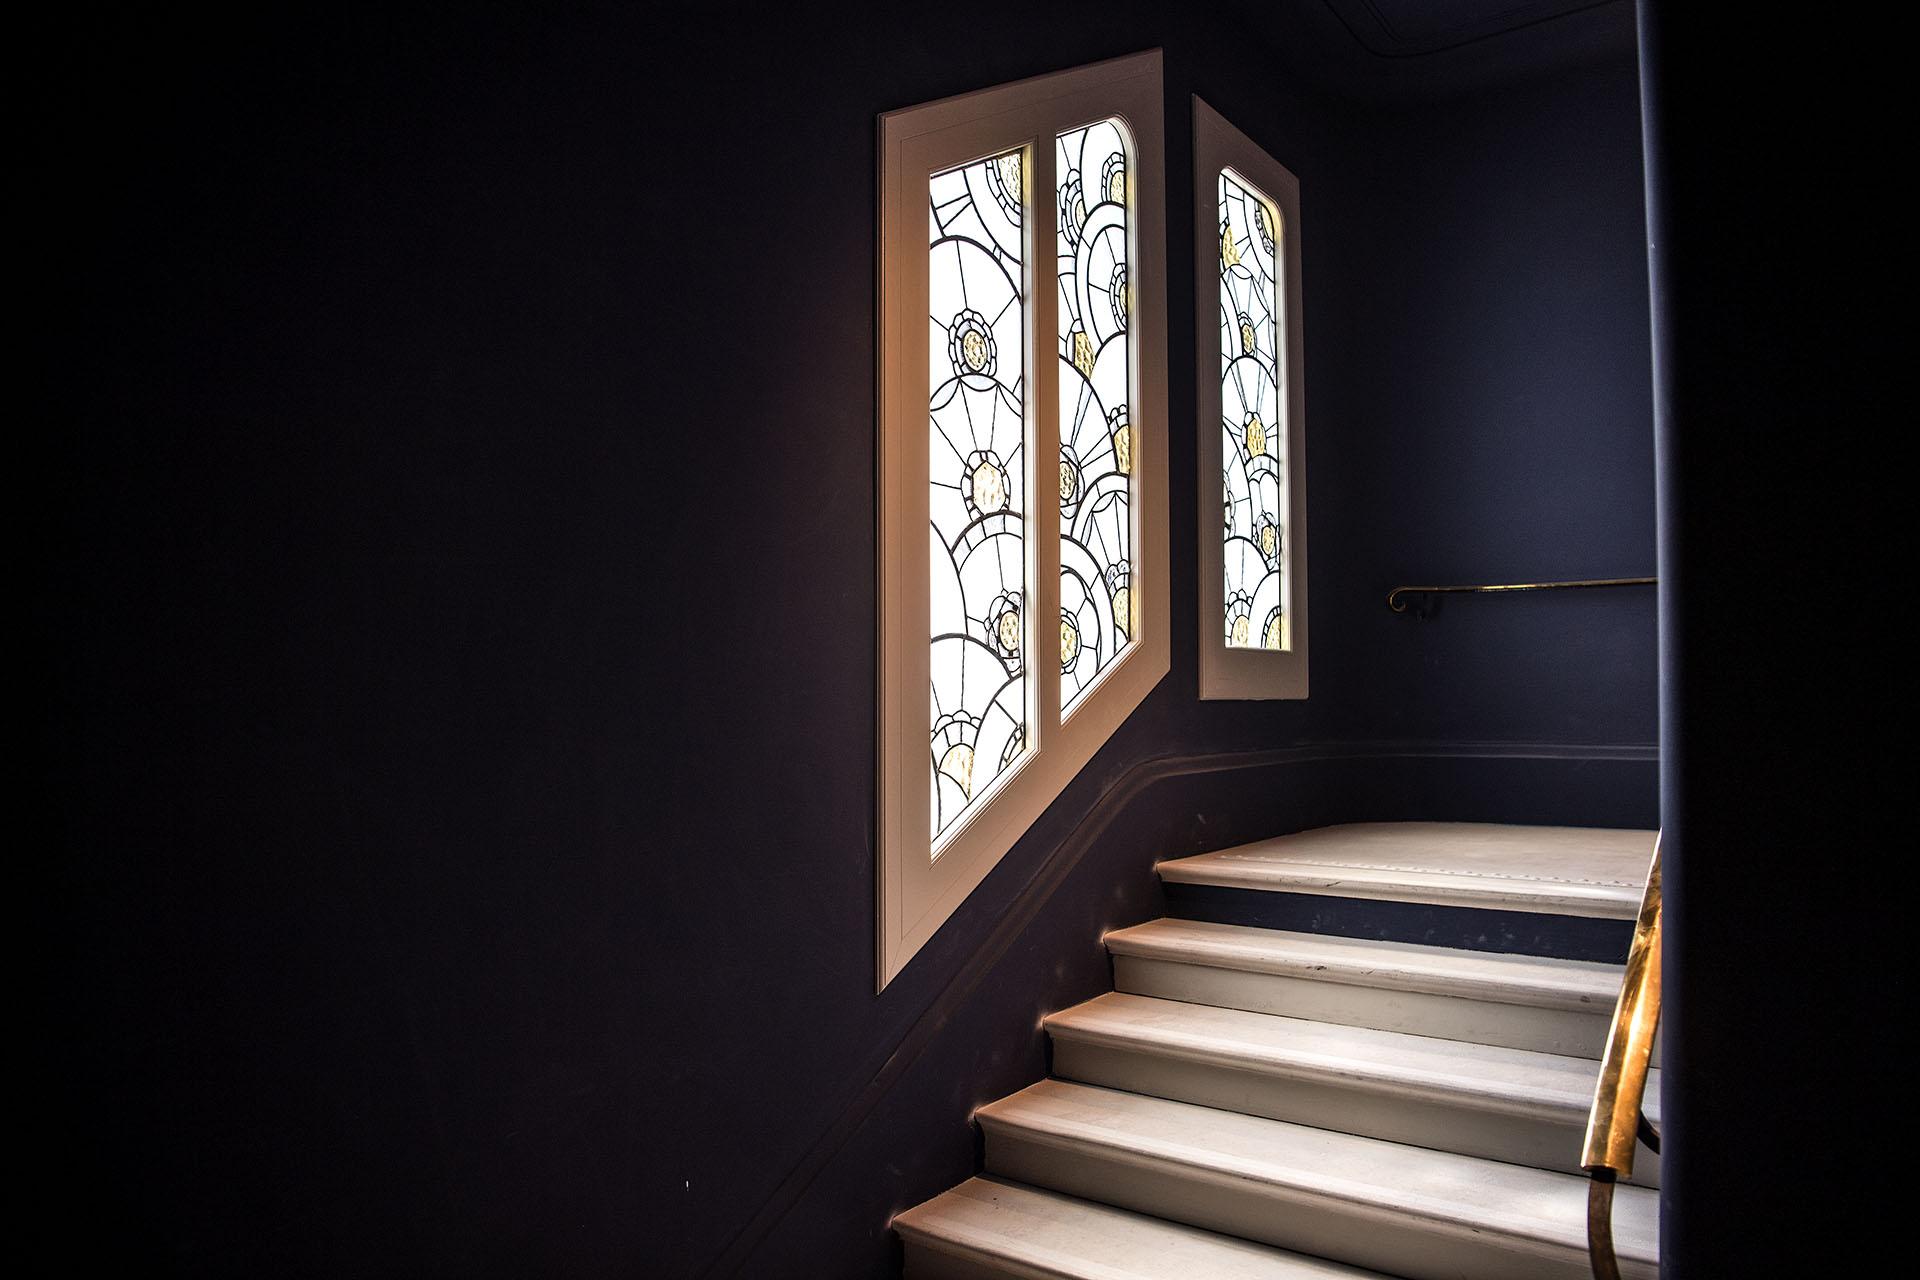 Ventanas con detalles en una de las escaleras del renovado Hotel Lutecia, en París (AFP PHOTO / Christophe ARCHAMBAULT)